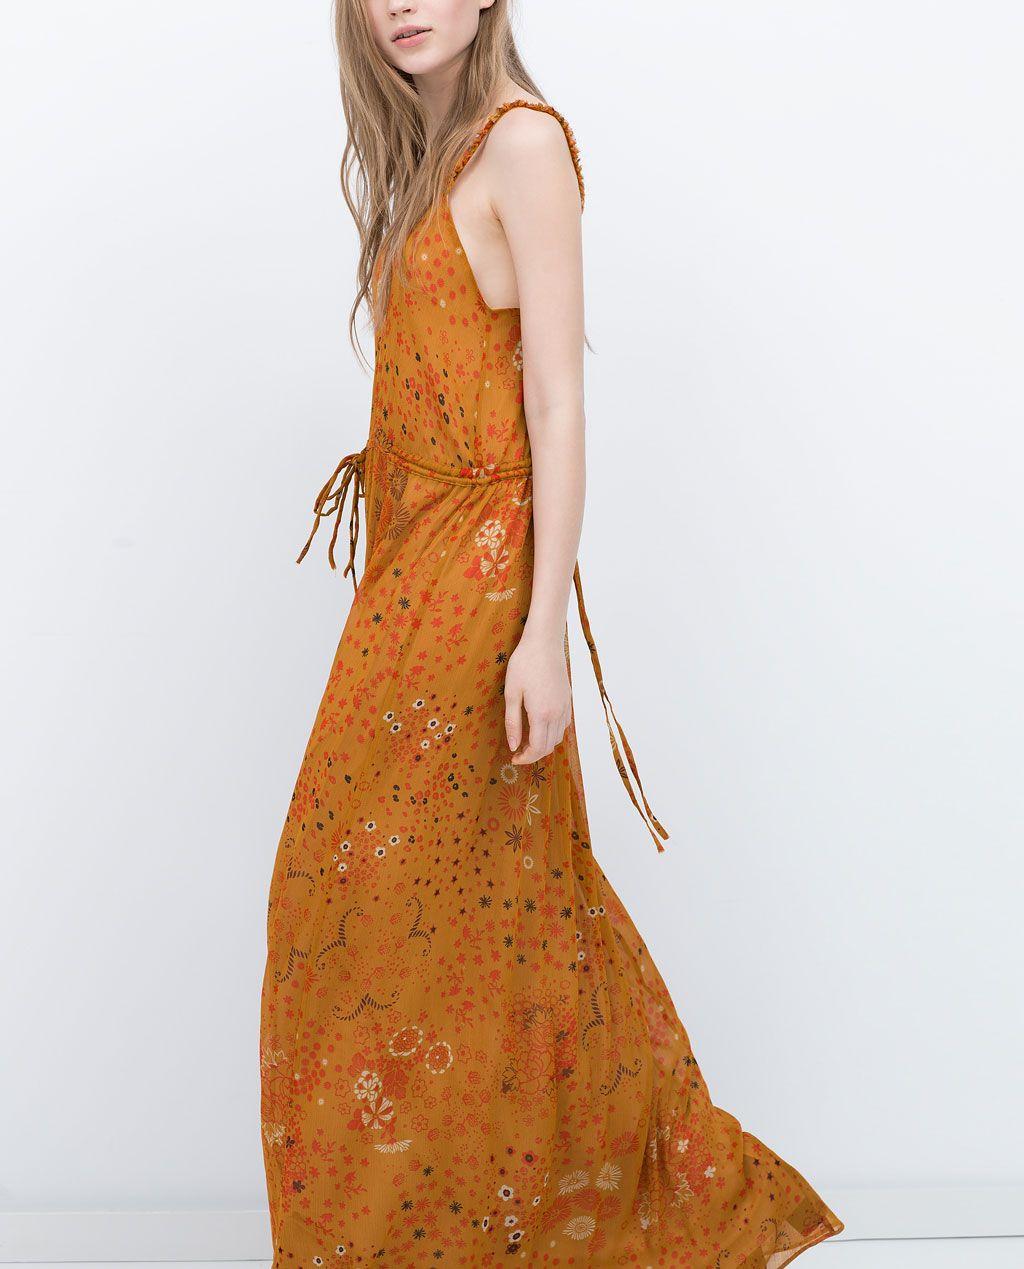 Pin von Ⓐⓑⓑⓨ auf wish list  Kleider, Sommer blumenkleid, Zara